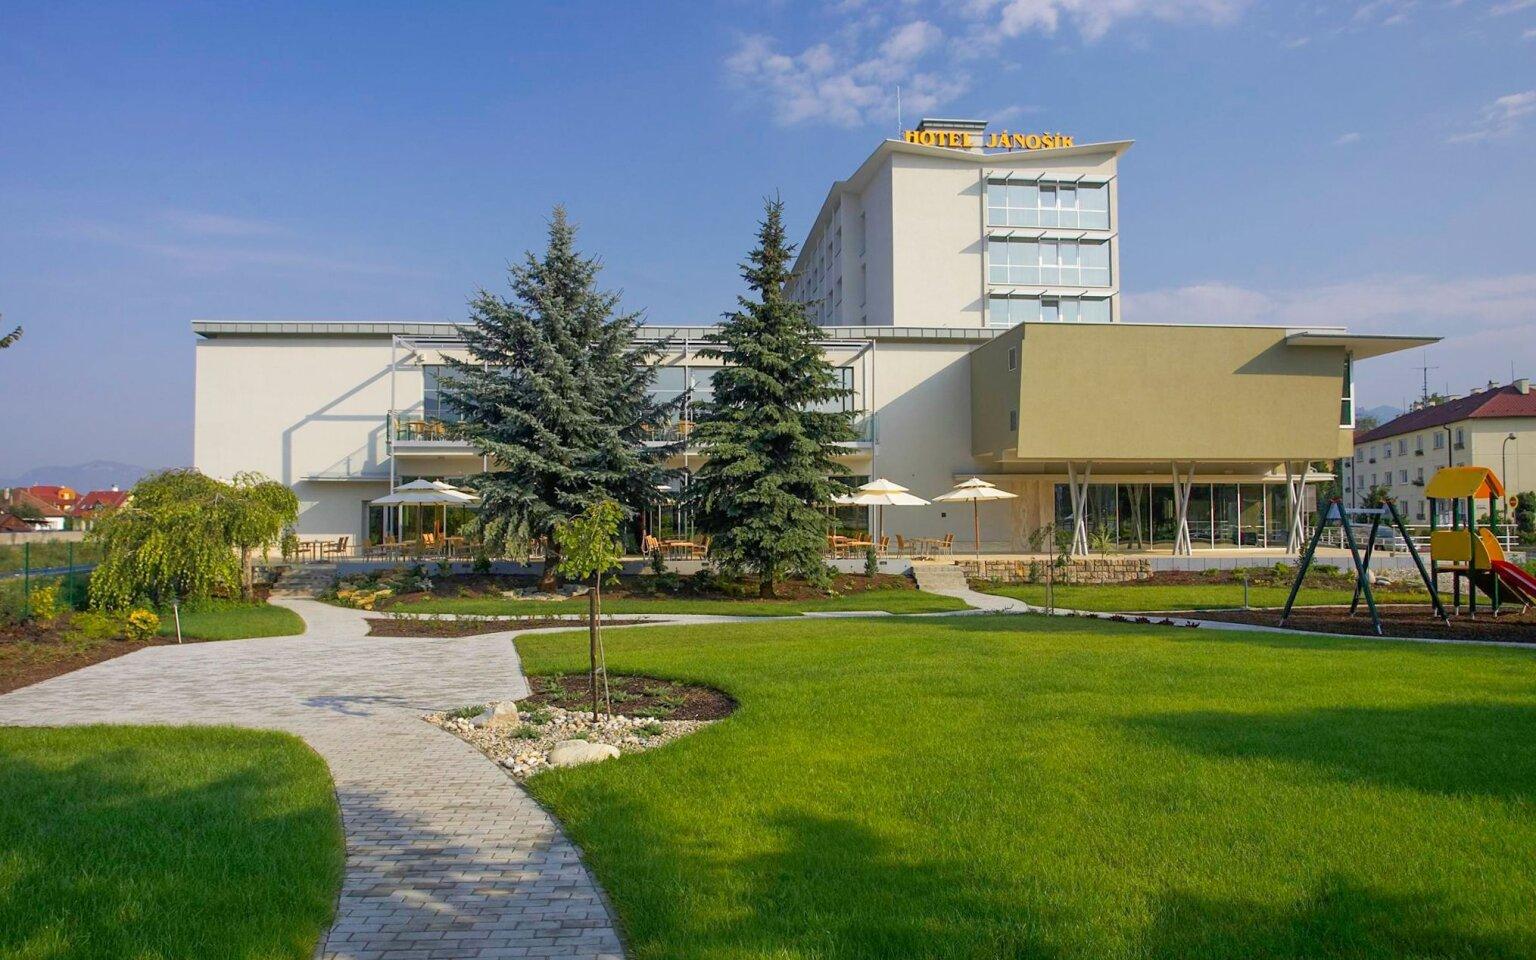 Hotel_Janosik